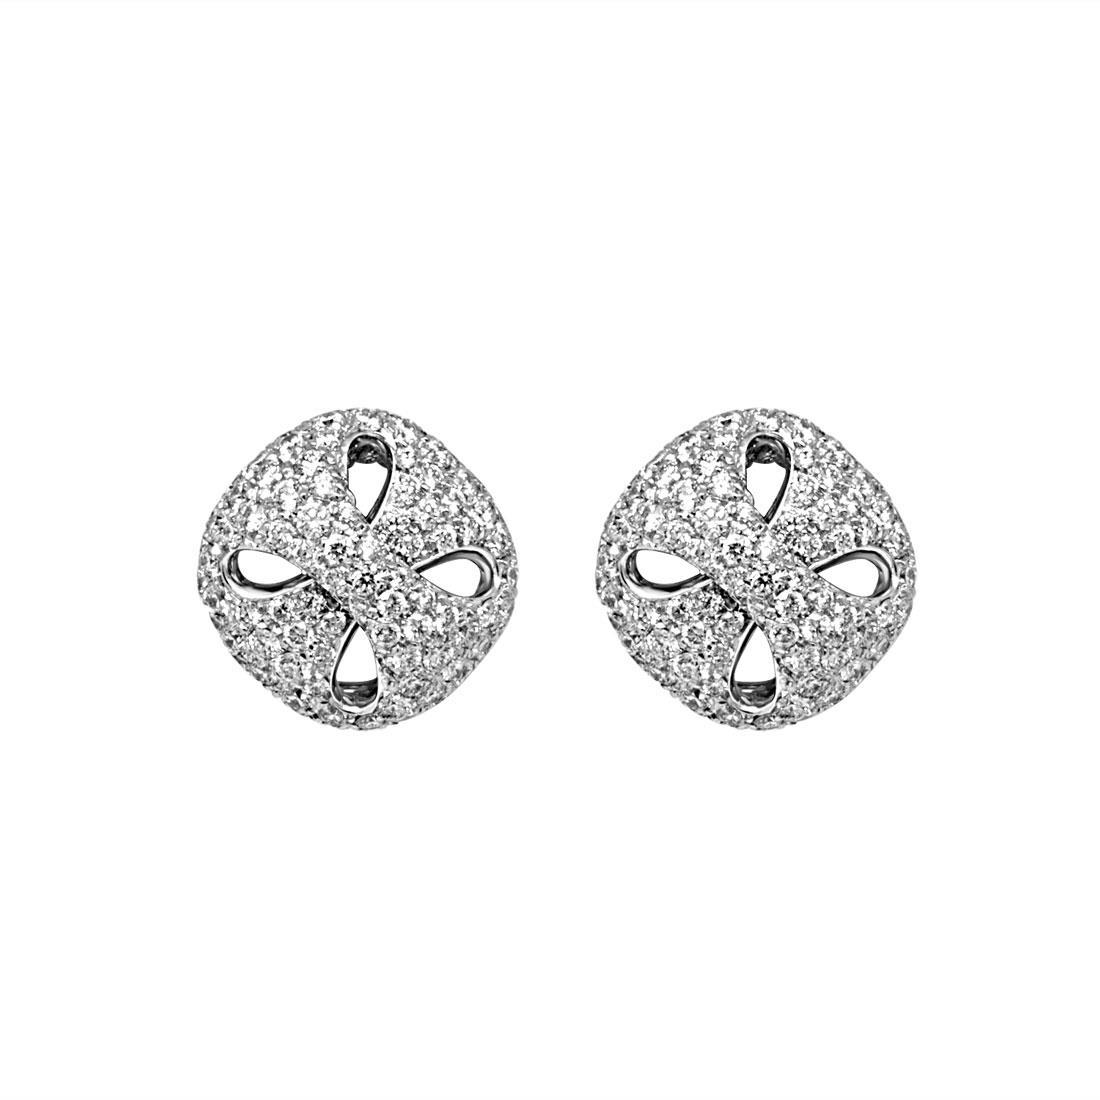 Orecchini Damiani in oro bianco con diamanti ct 3,03 - DAMIANI